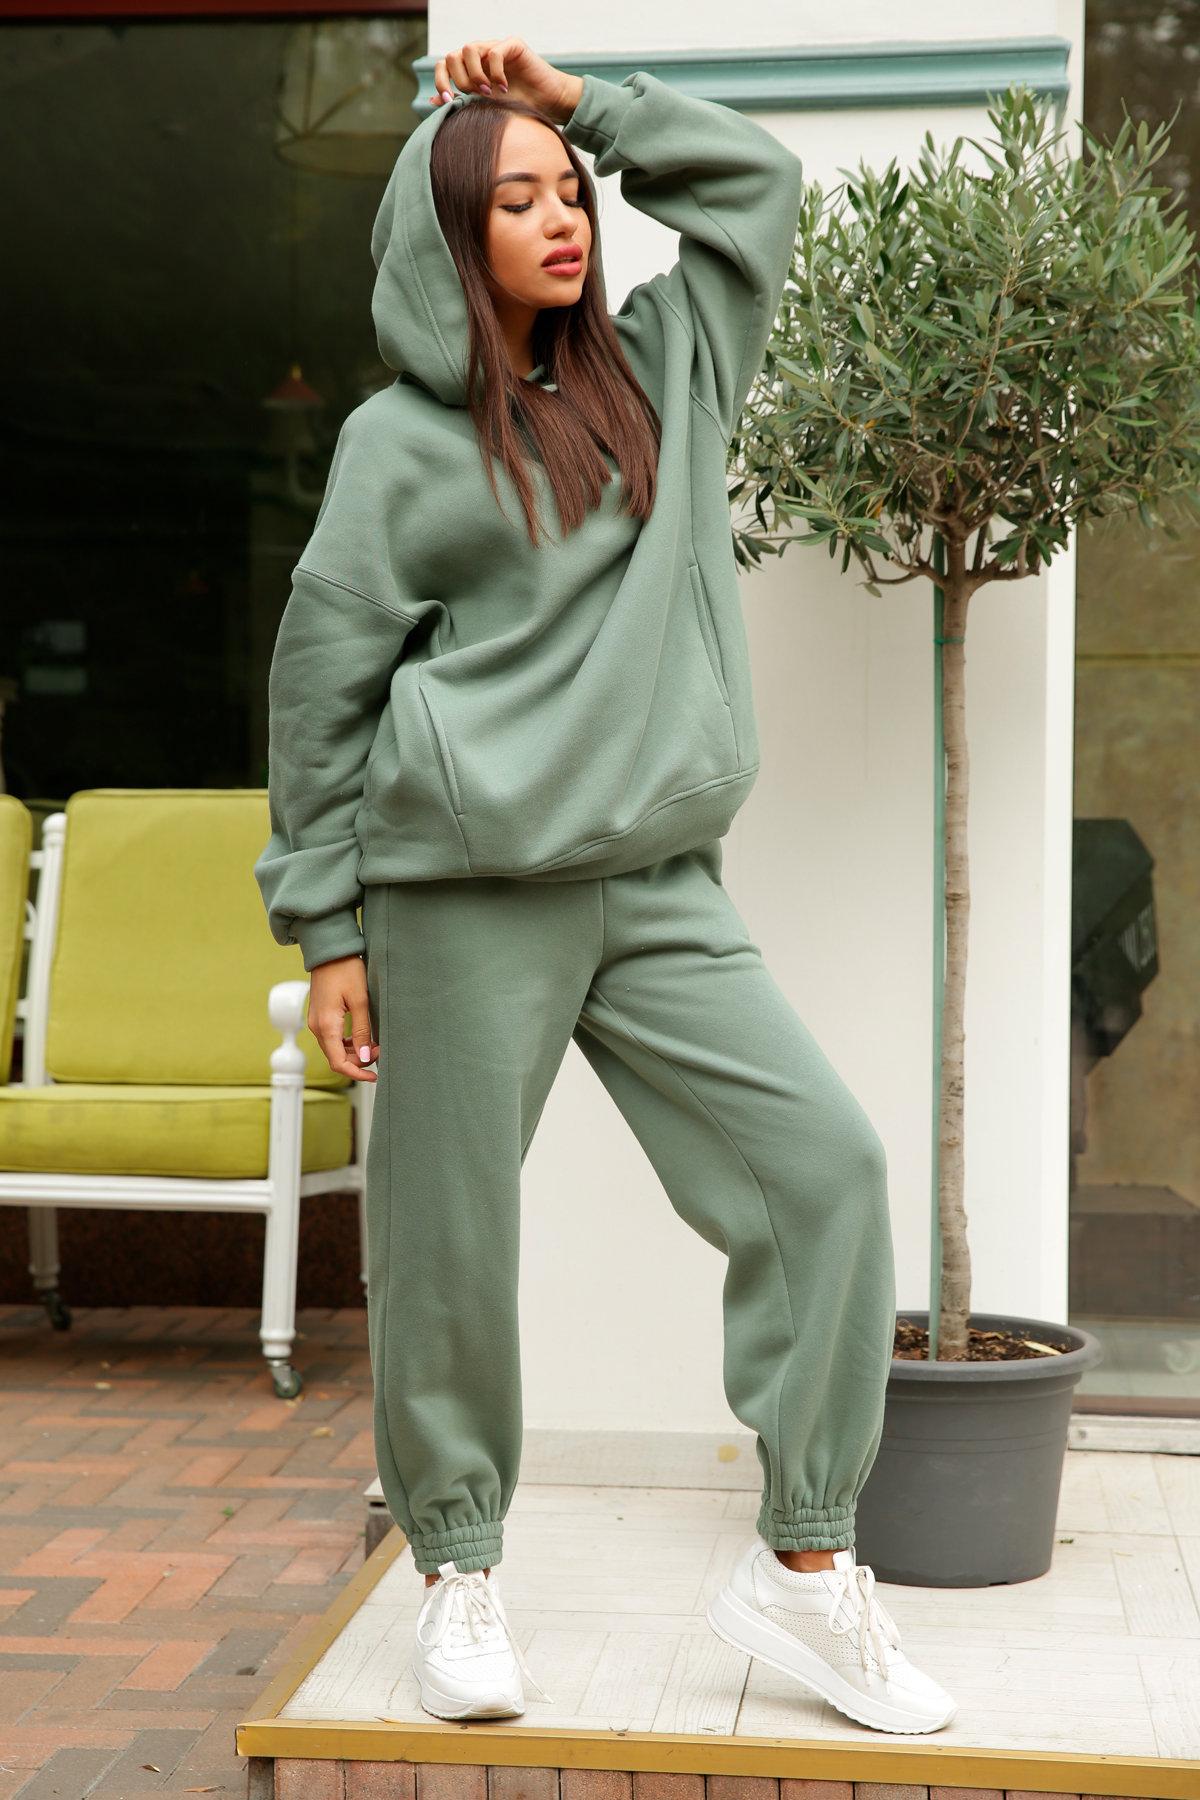 Марион костюм в  стиле Oversize  3х нитка 9651 АРТ. 46056 Цвет: Олива Темная - фото 5, интернет магазин tm-modus.ru